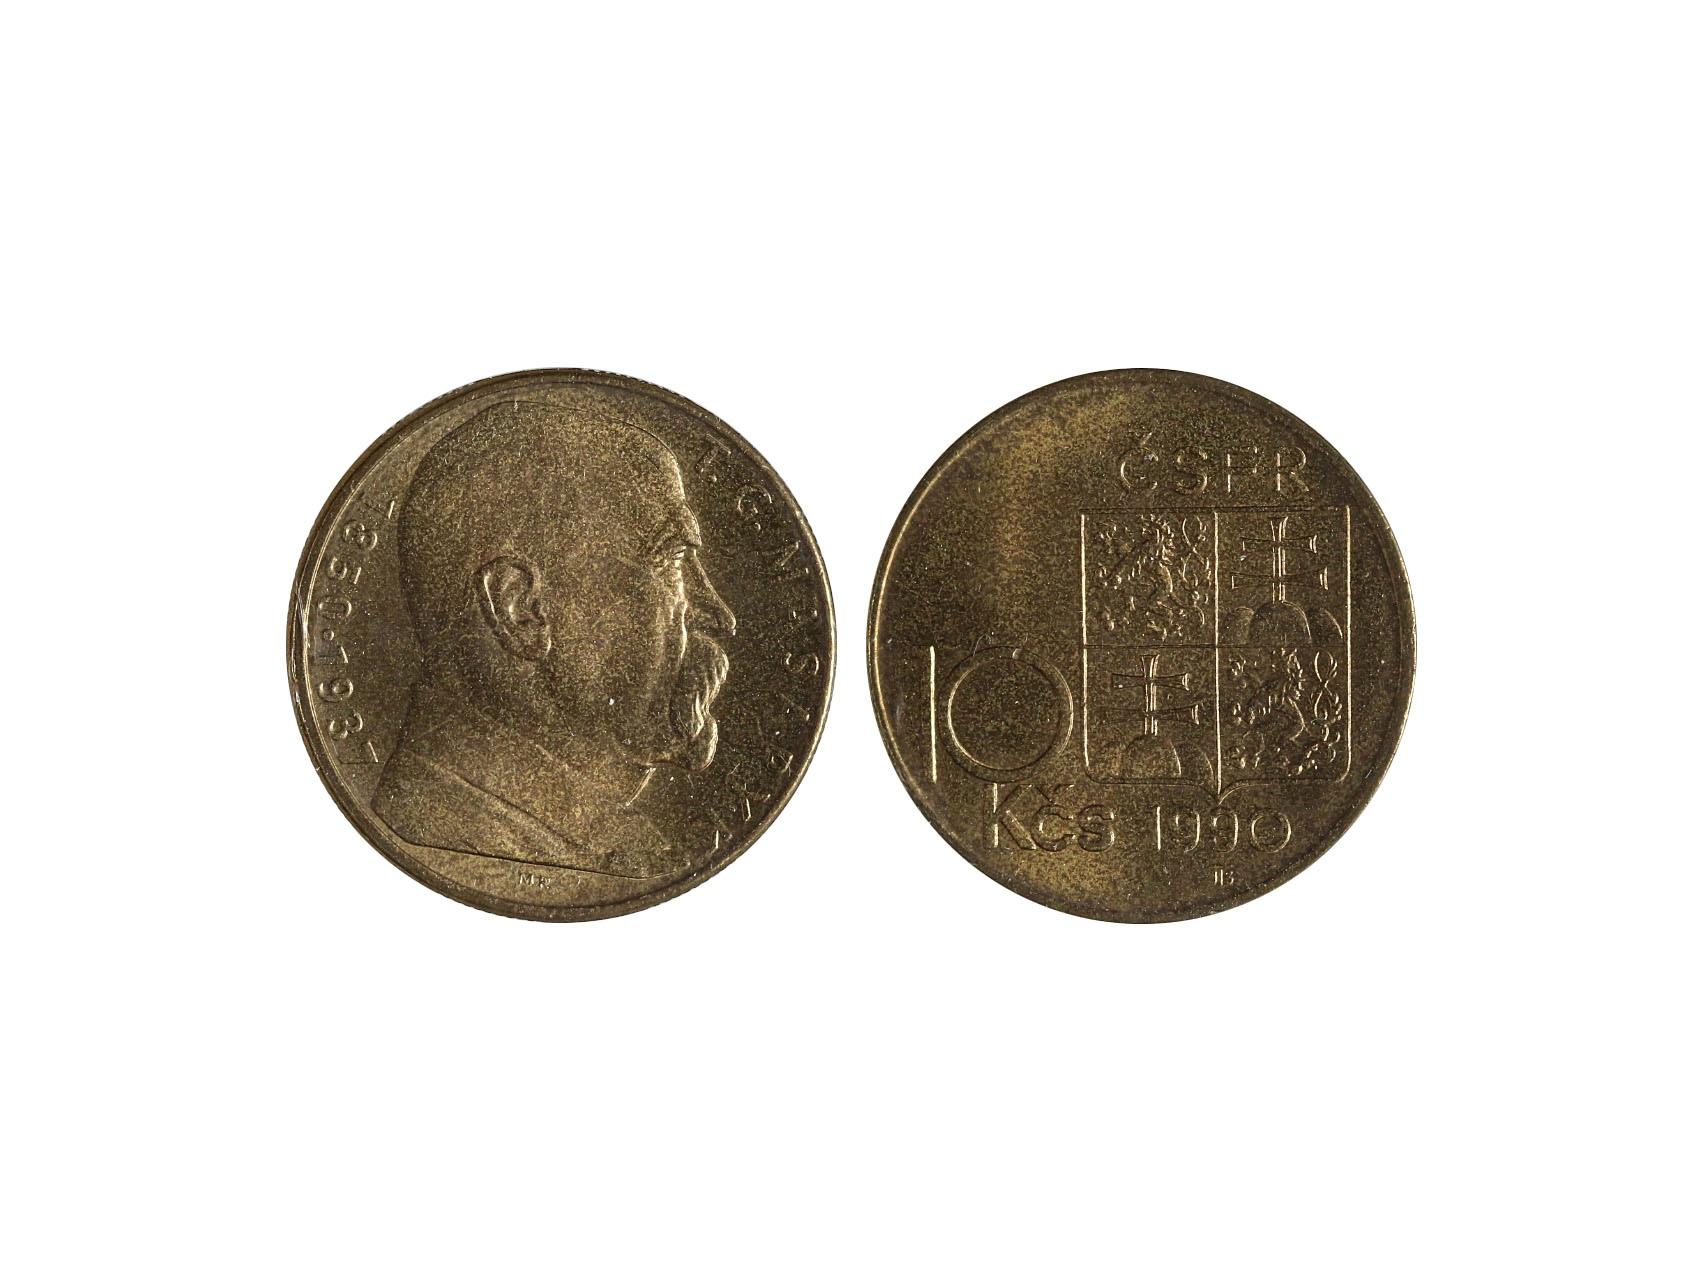 ČSSR 1953-1992 - 10 Kčs 1990 varianta iniciál MR typ A, původní balení fy. Cabet, číslové 00880, N83e